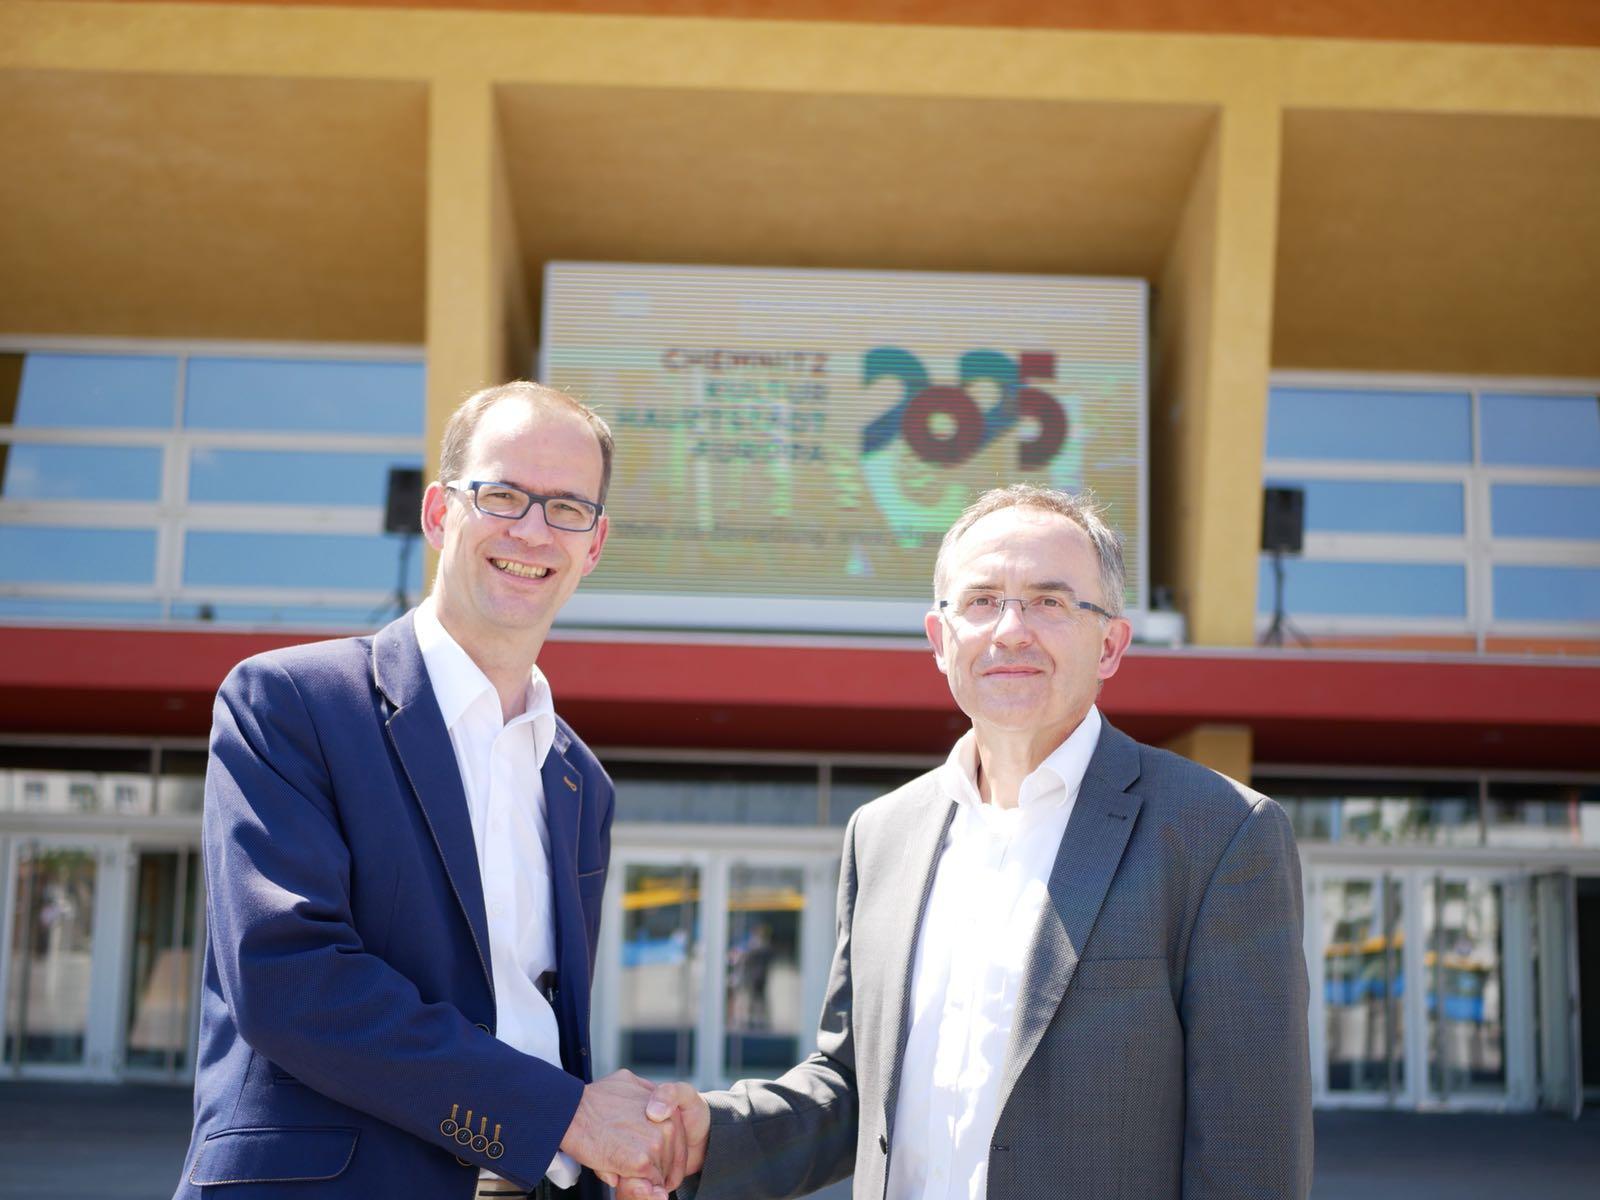 msg seit 20 Jahren erfolgreich in Chemnitz | msg Presse